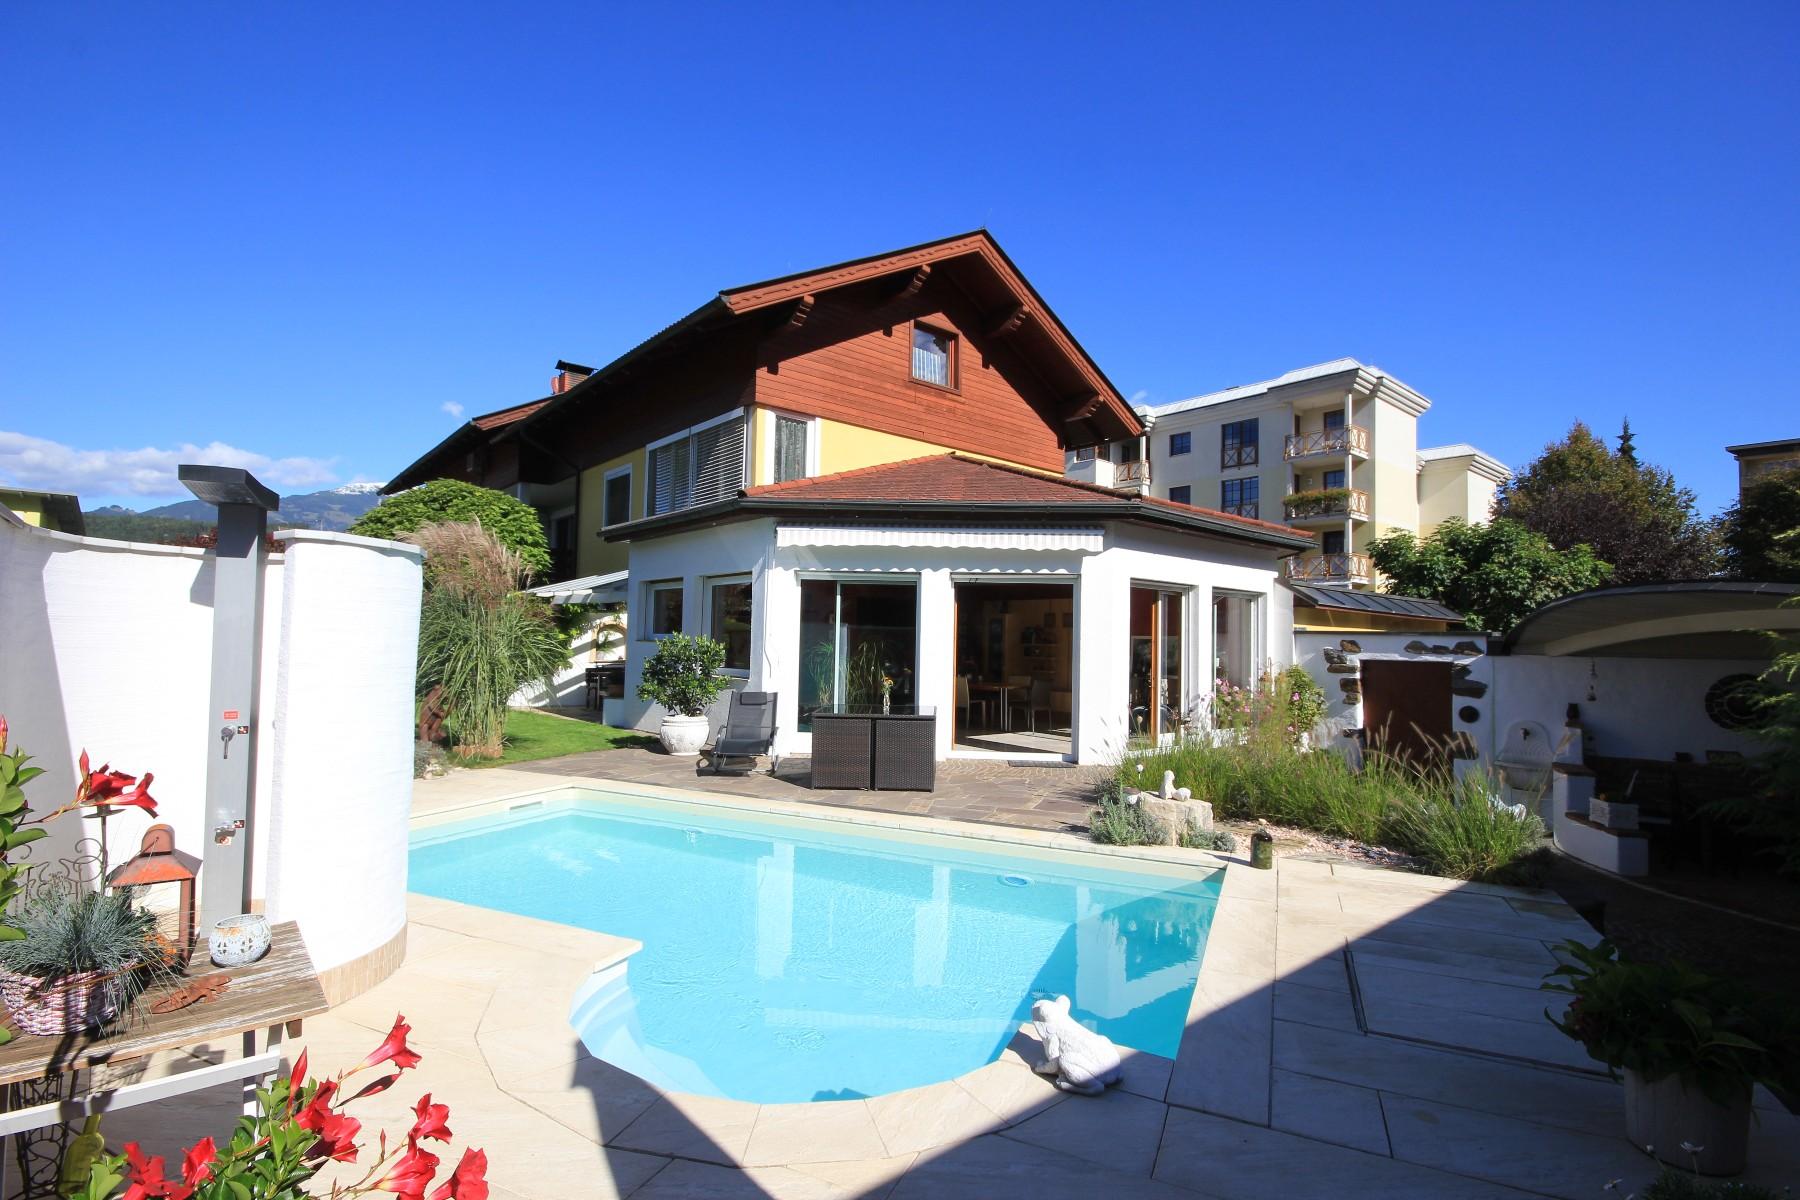 Gediegenes Wohnhaus mit mediterranem Touch in sonniger Wohnlage